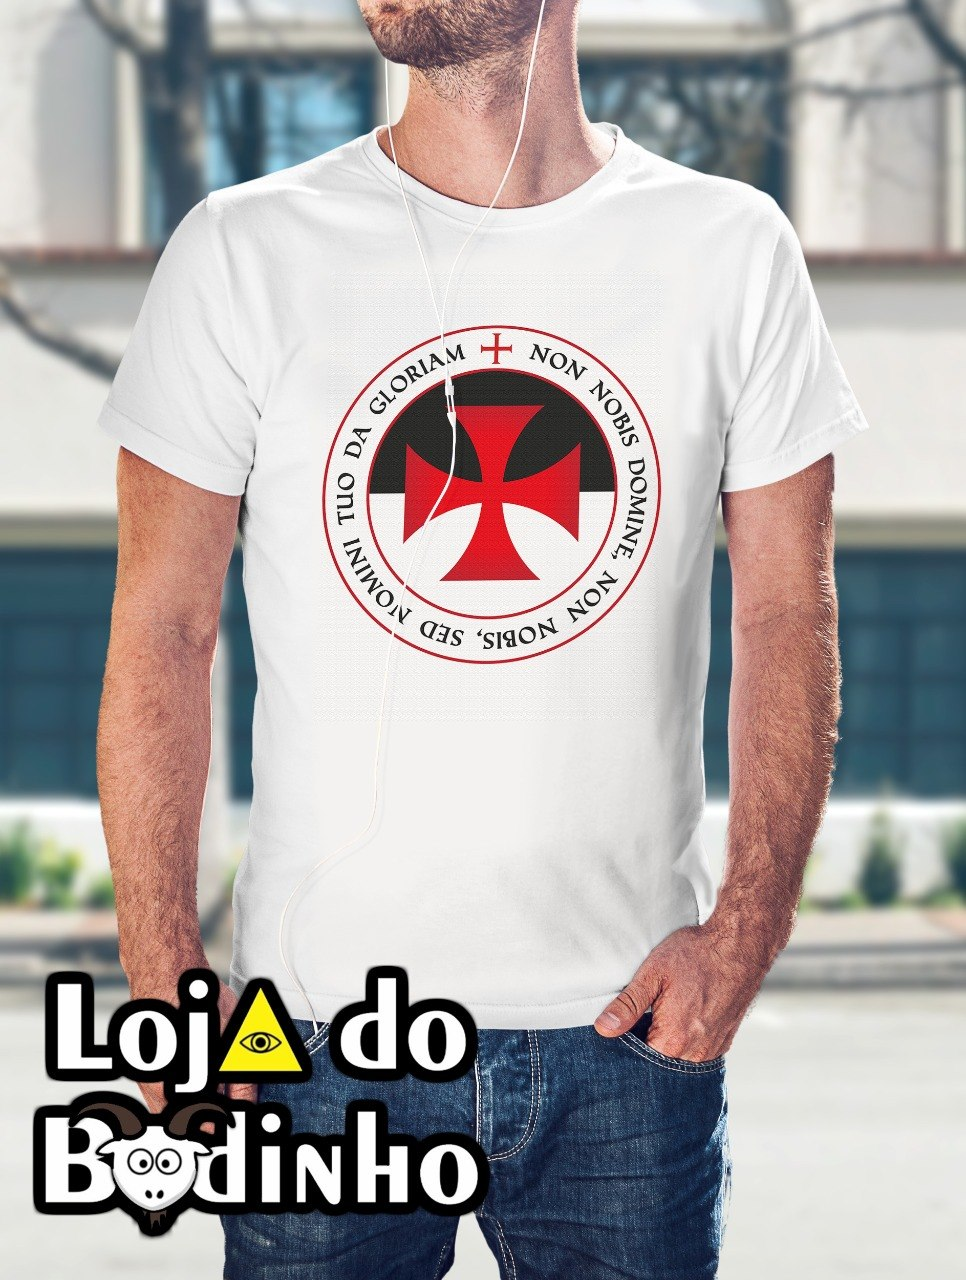 Camiseta Cruz Templária mod. 09 - 3 Opções de Cores